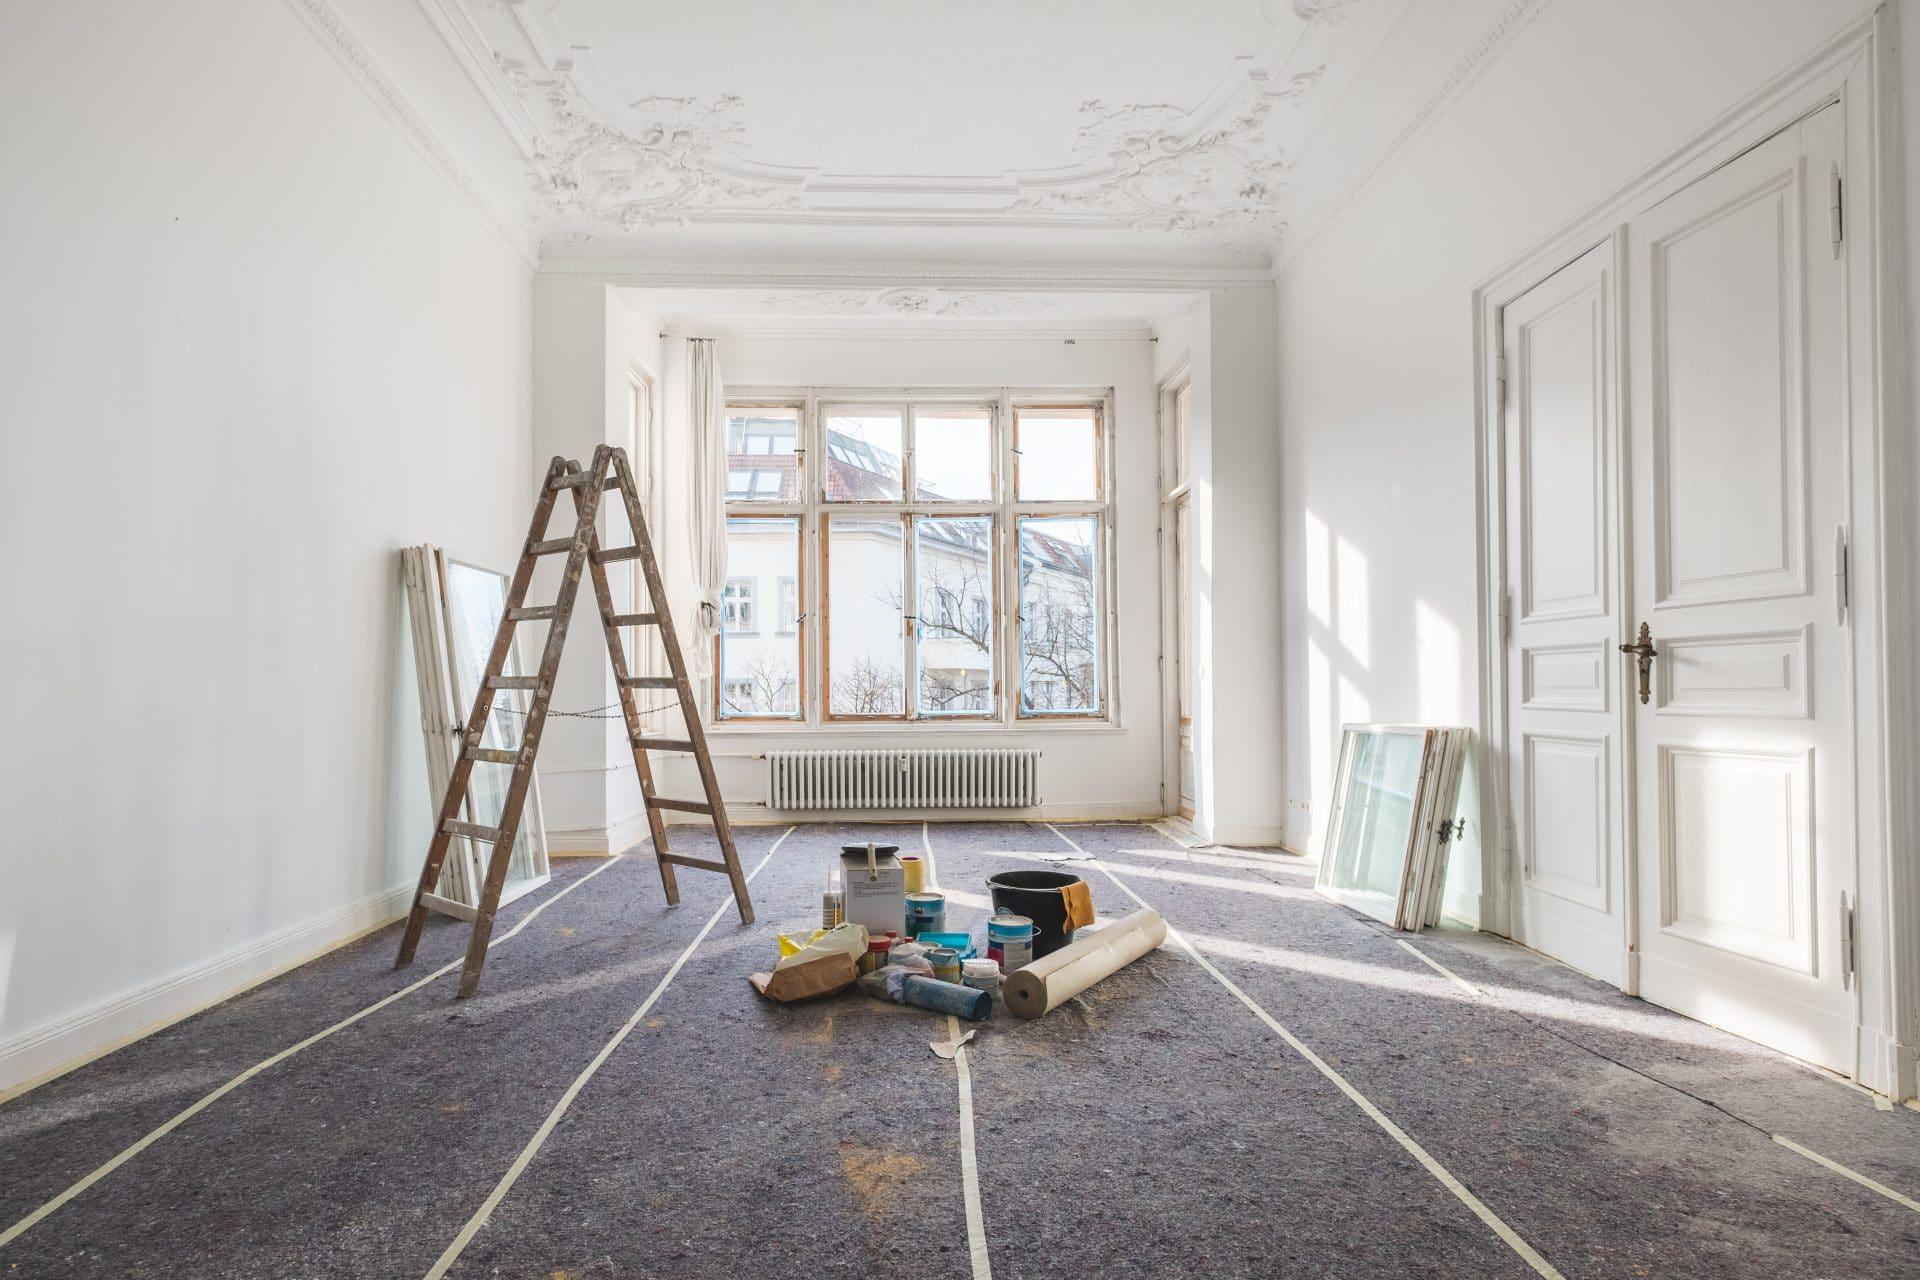 Quel prix pour une rénovation d'appartement en 2020?